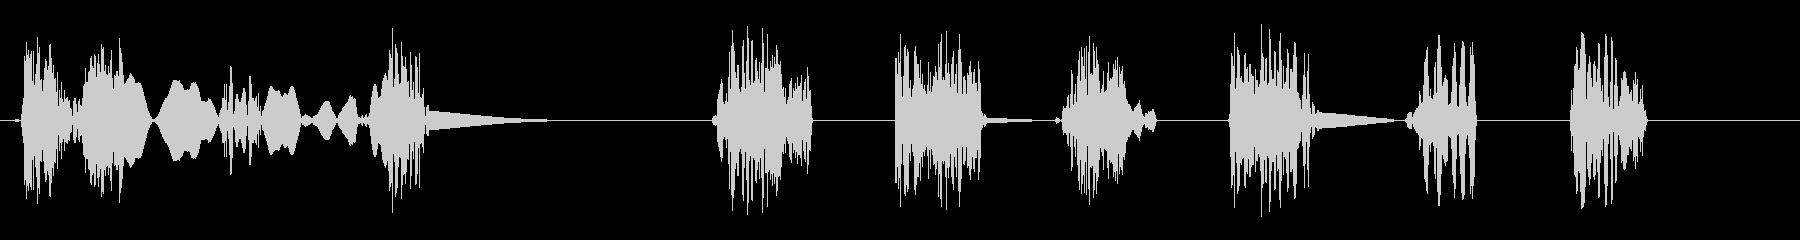 ダ〜ダダダダダ(DJのスクラッチ音)の未再生の波形